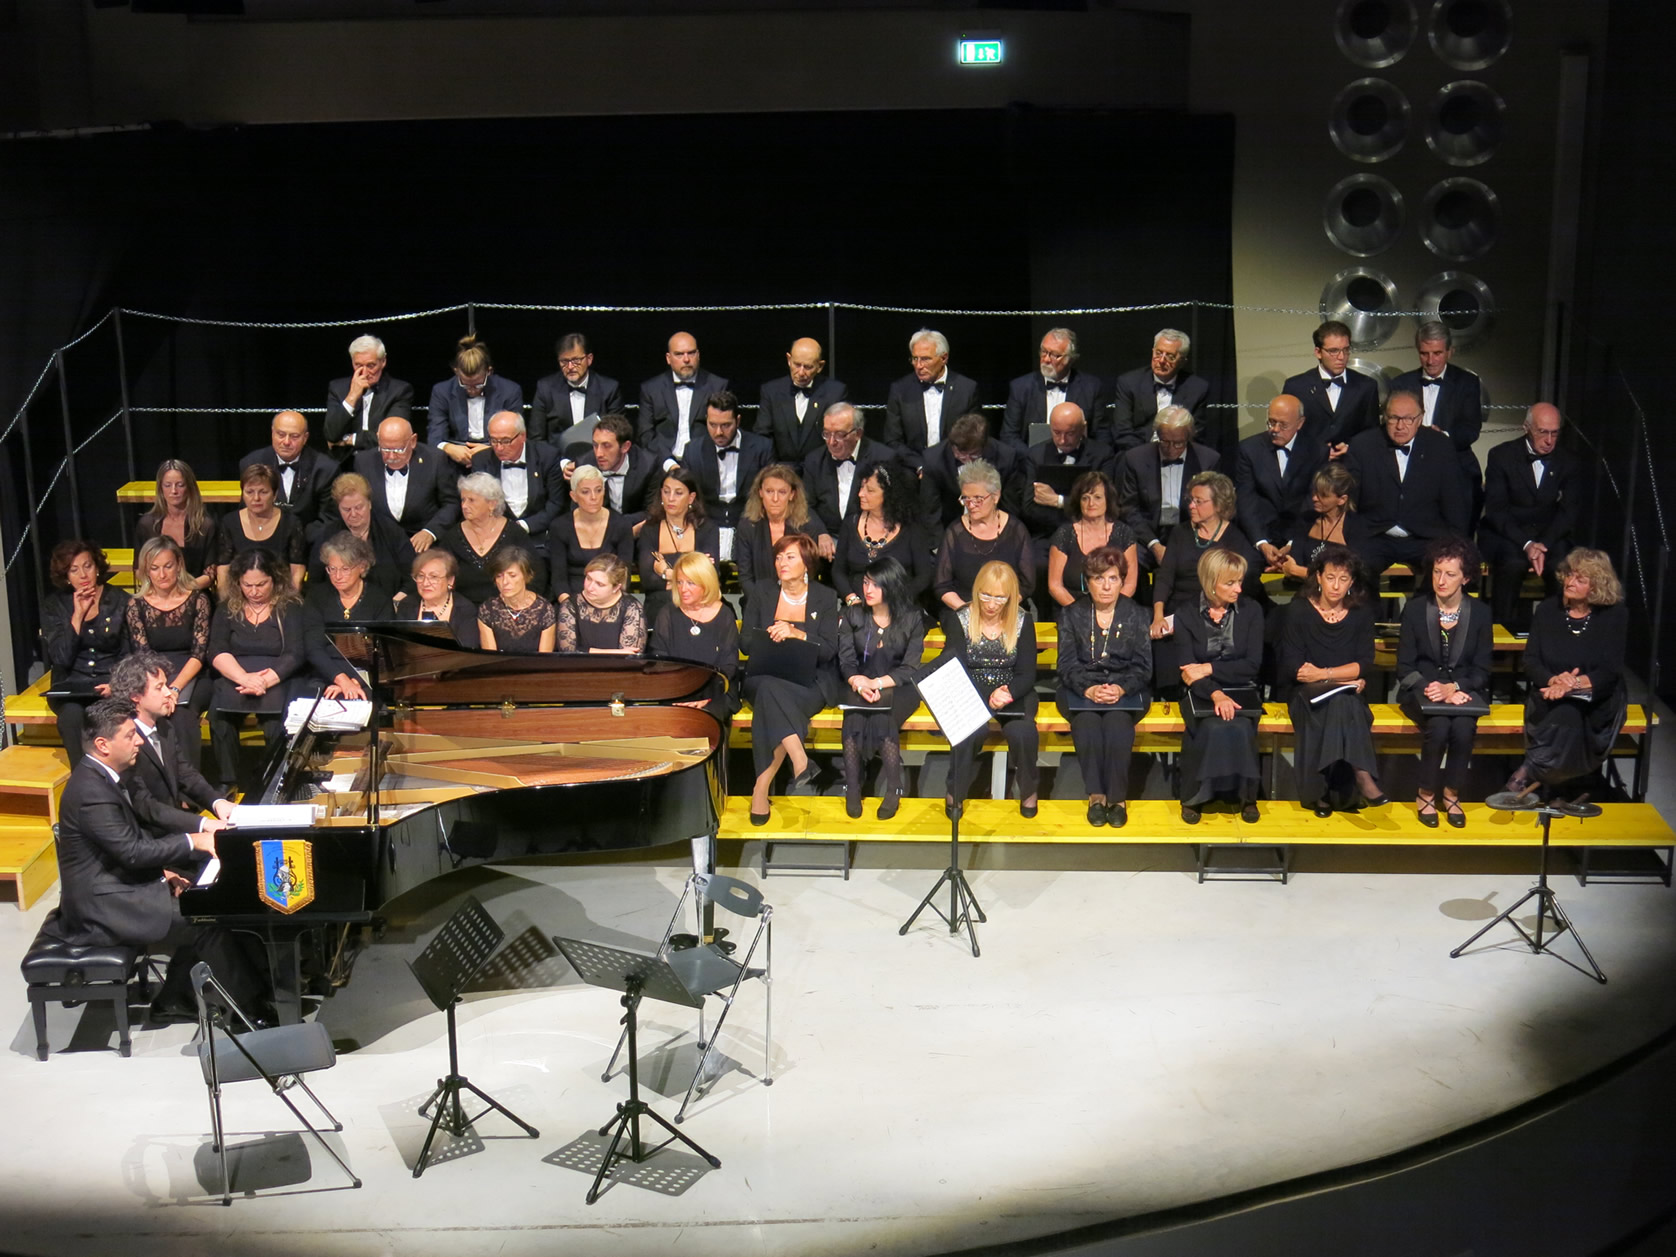 Inaugurazione del nuovo pianoforte, 9 ottobre 2016